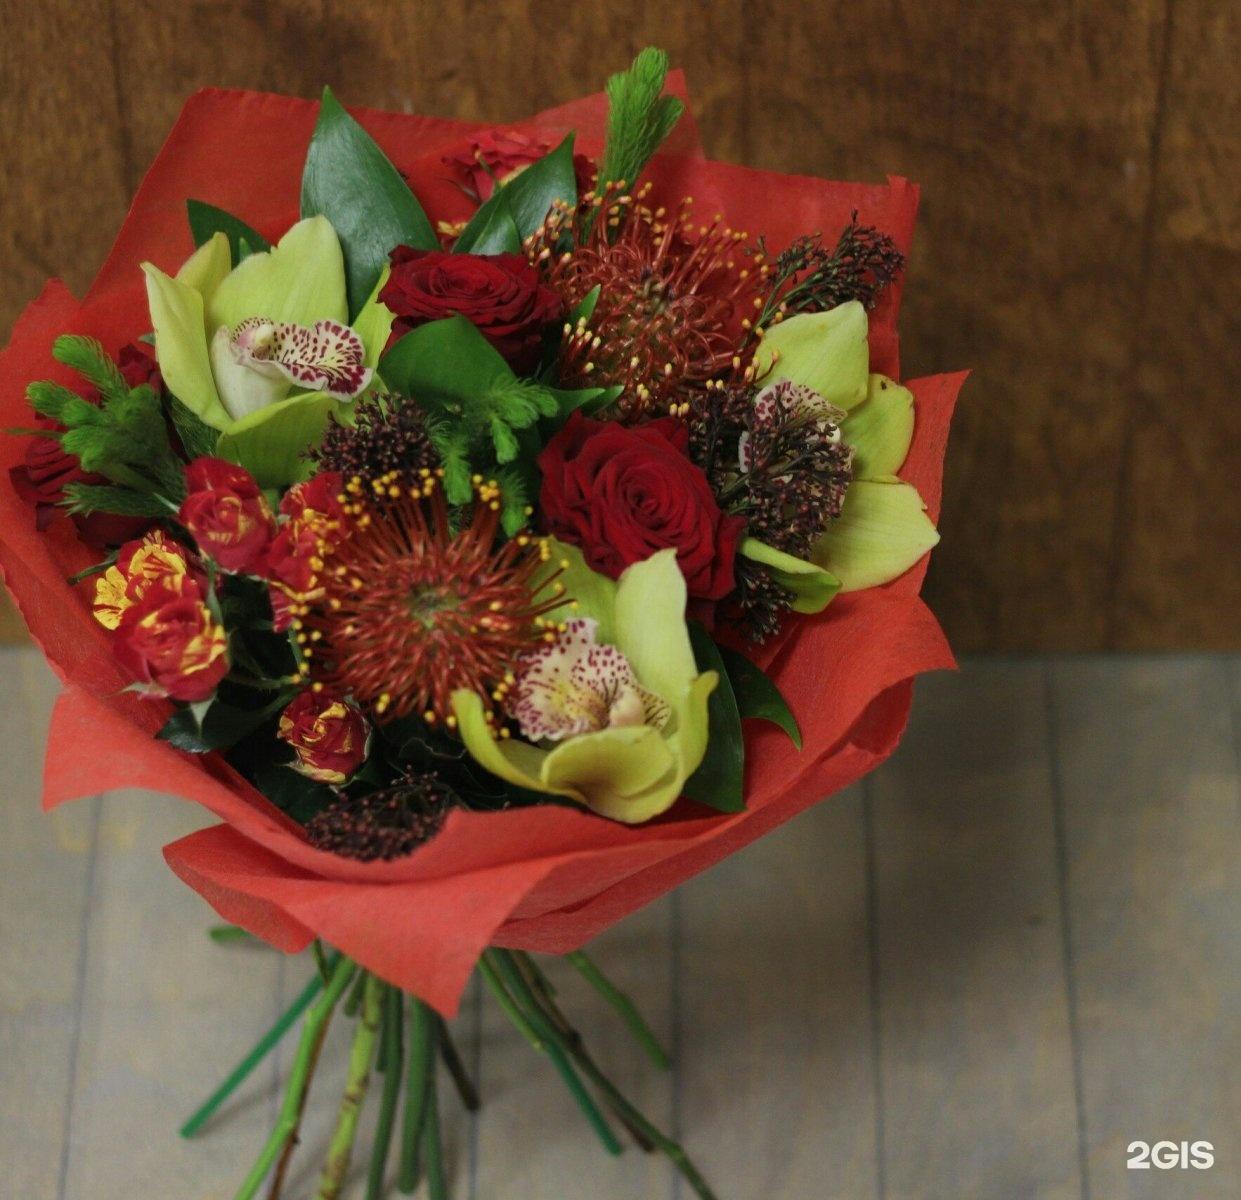 Служба доставки цветов в г павлодаре, цветы